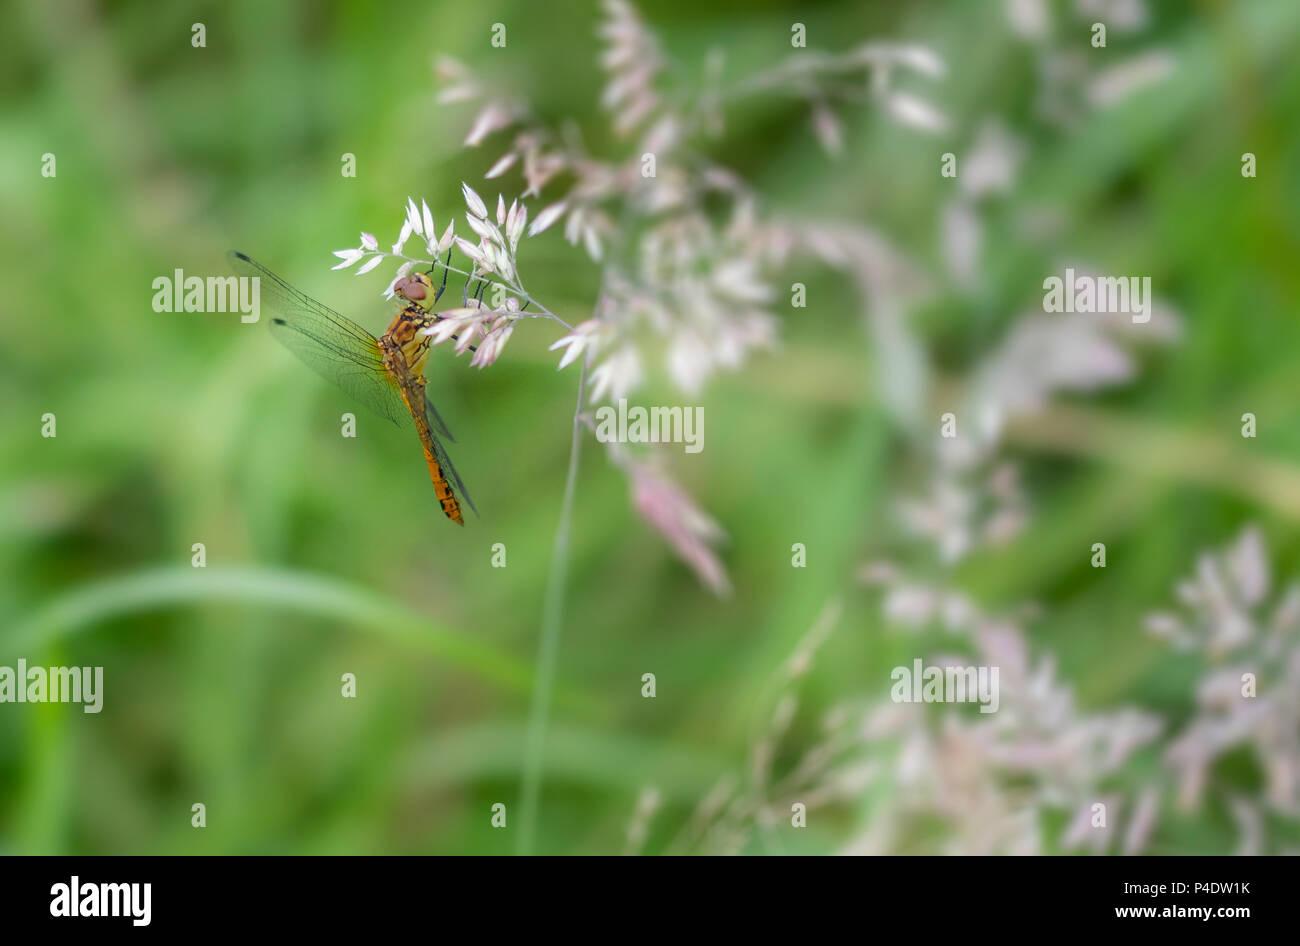 Ein frisch geschlüpften Libelle trocknen in der Sonne Stockfoto